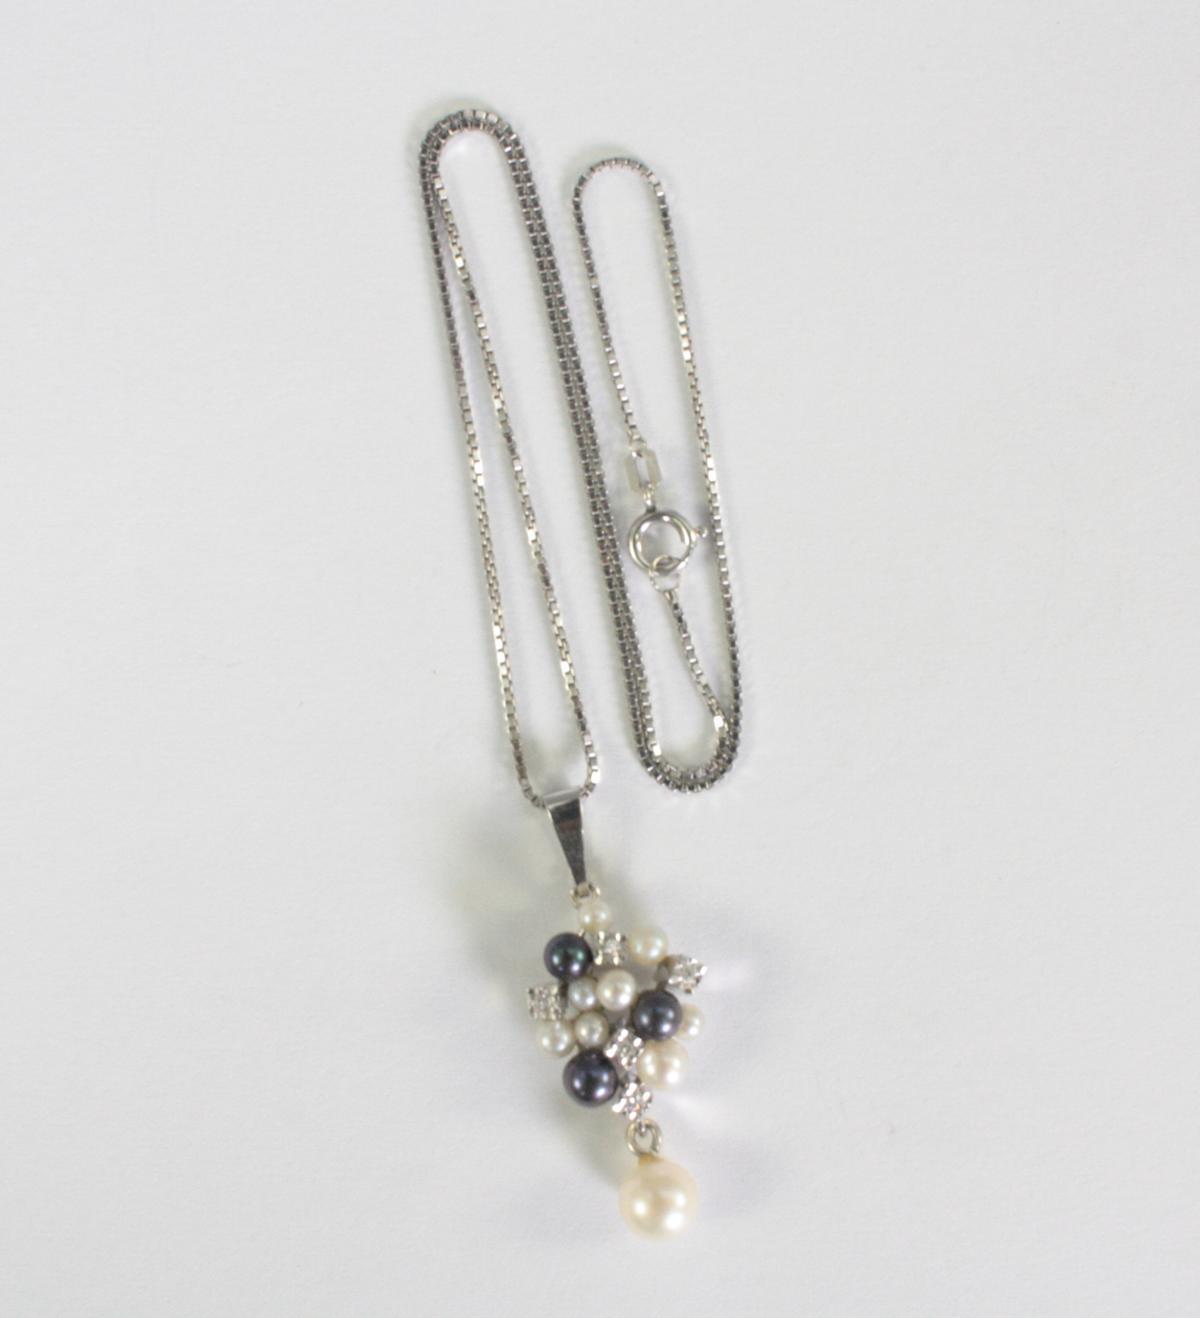 Halskette mit Diamanten- und Perlenanhänger, 14 Karat Weißgold